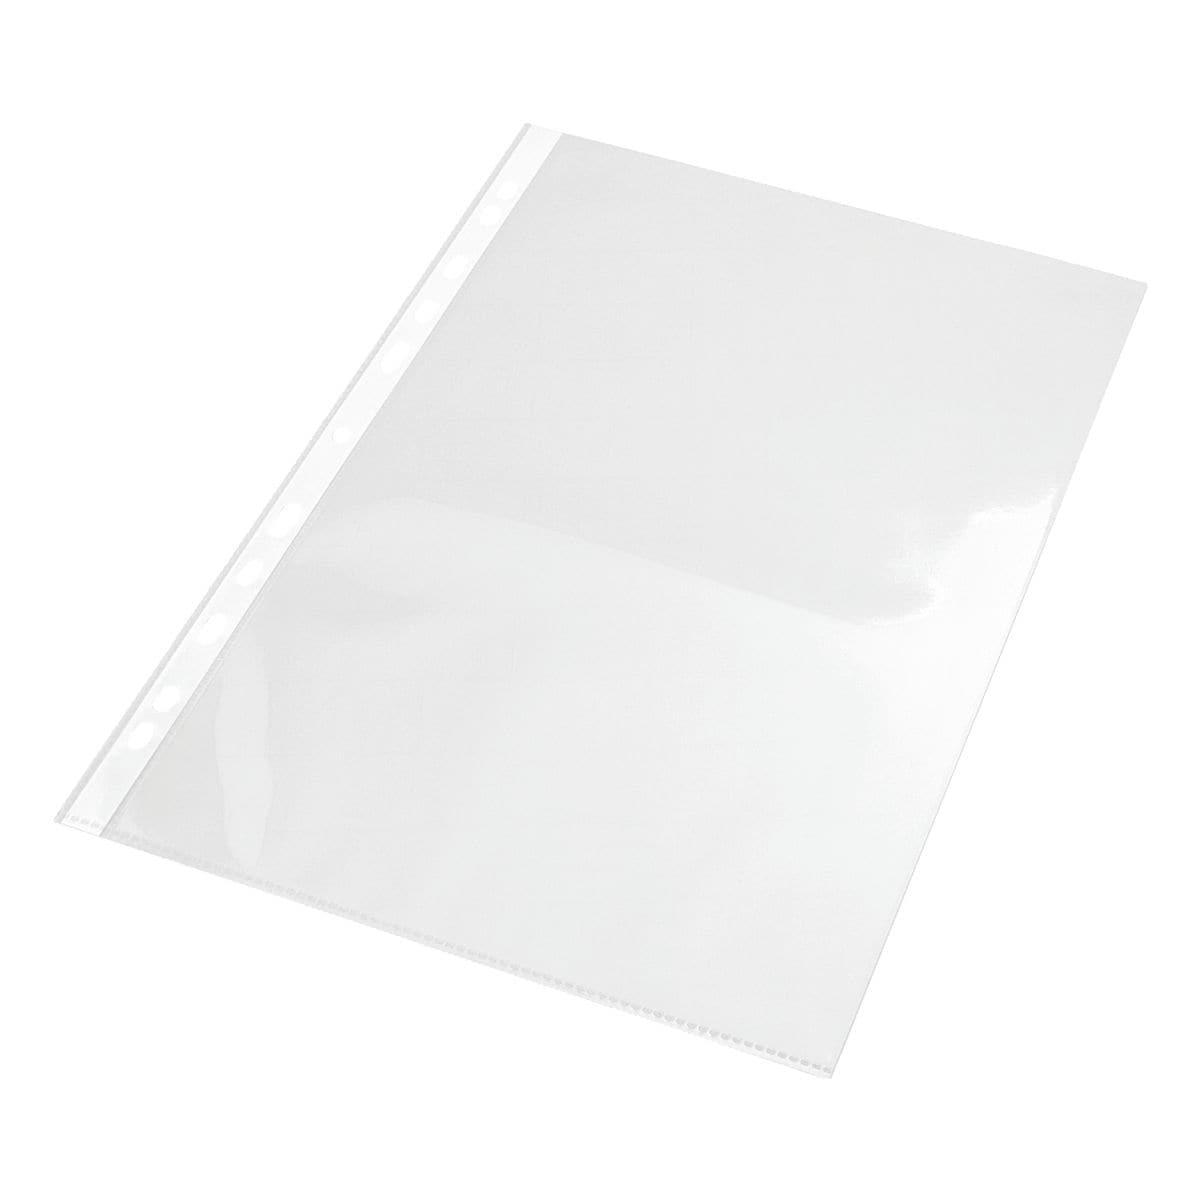 EICHNER Sammelhülle A4 glatt/glasklar, oben offen 0,12 mm - 100 Stück